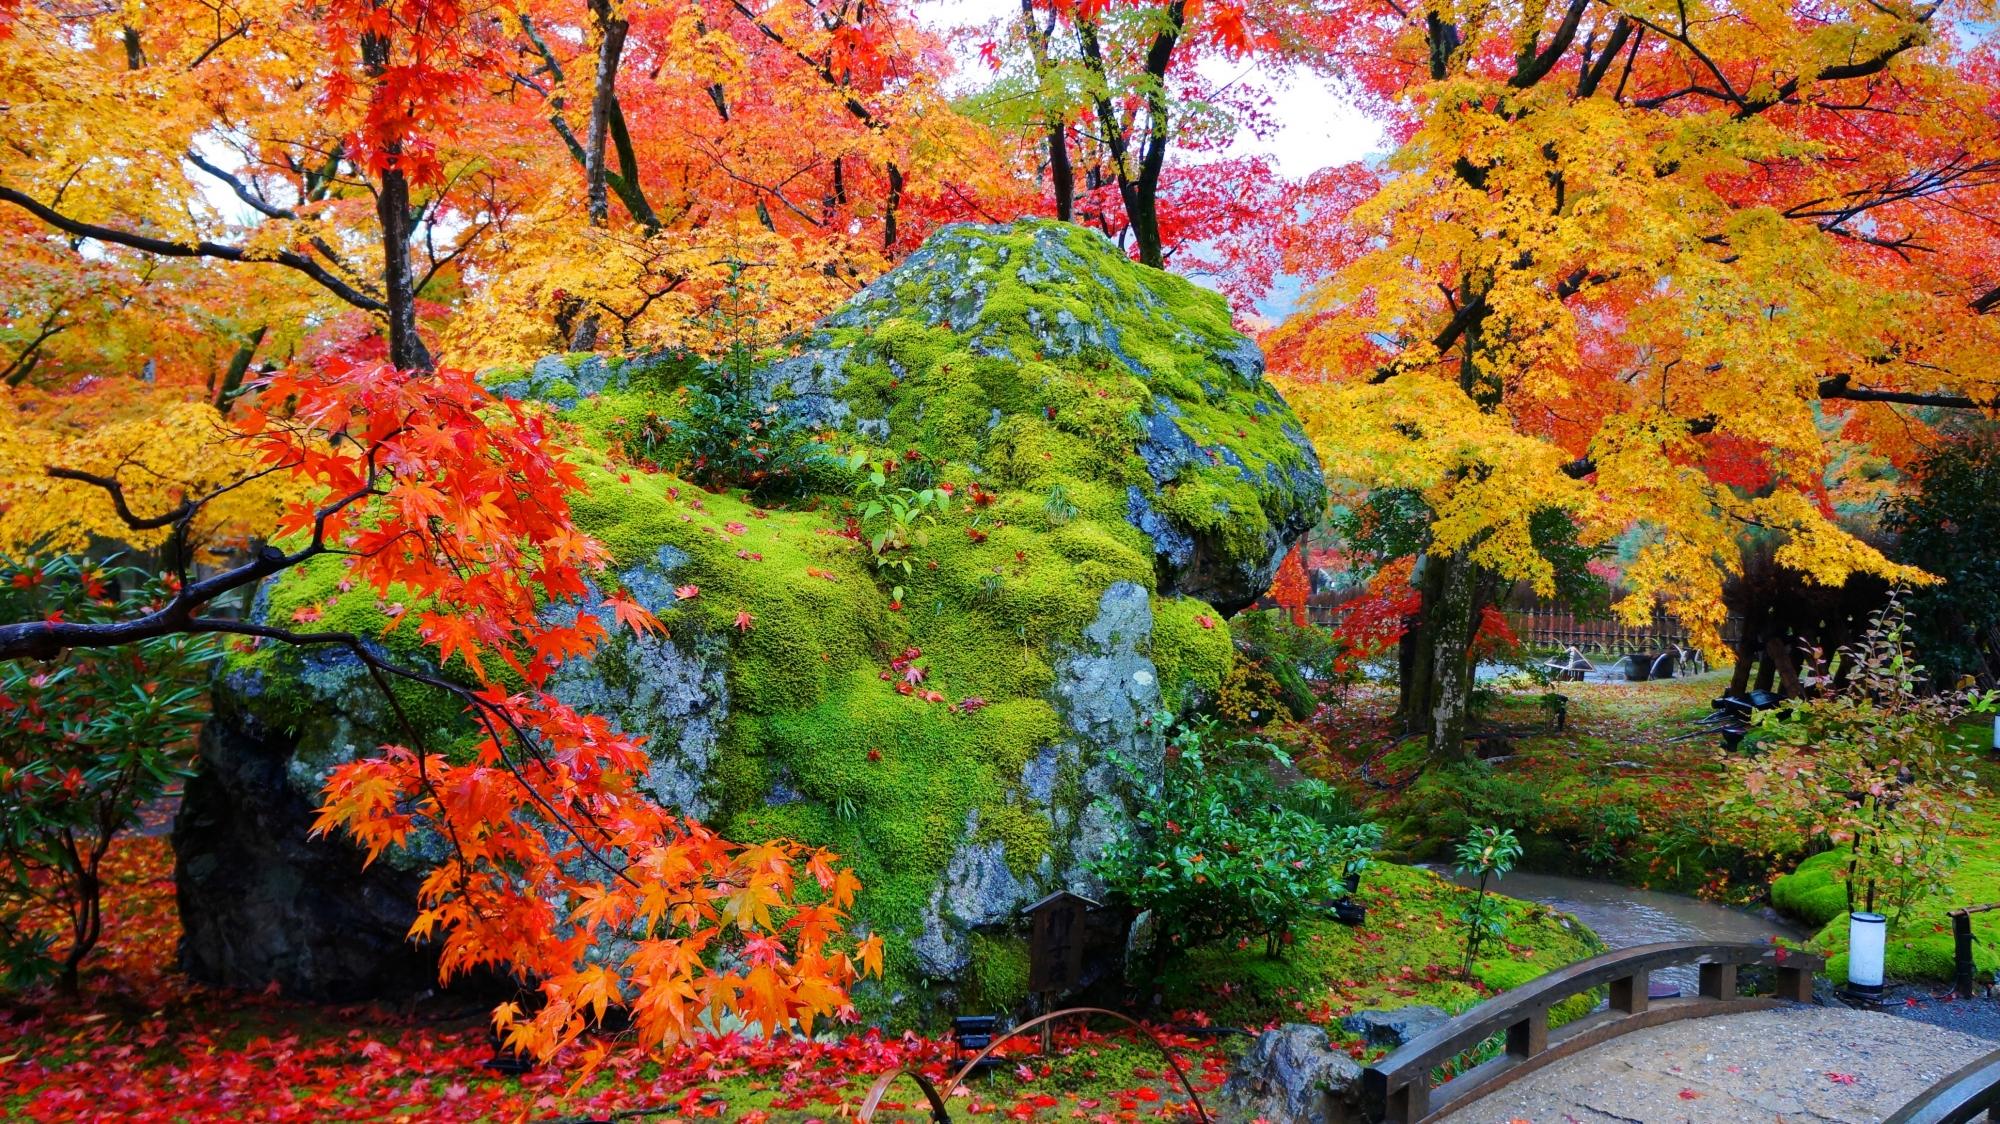 紅葉につつまれたライオンに見える獅子岩